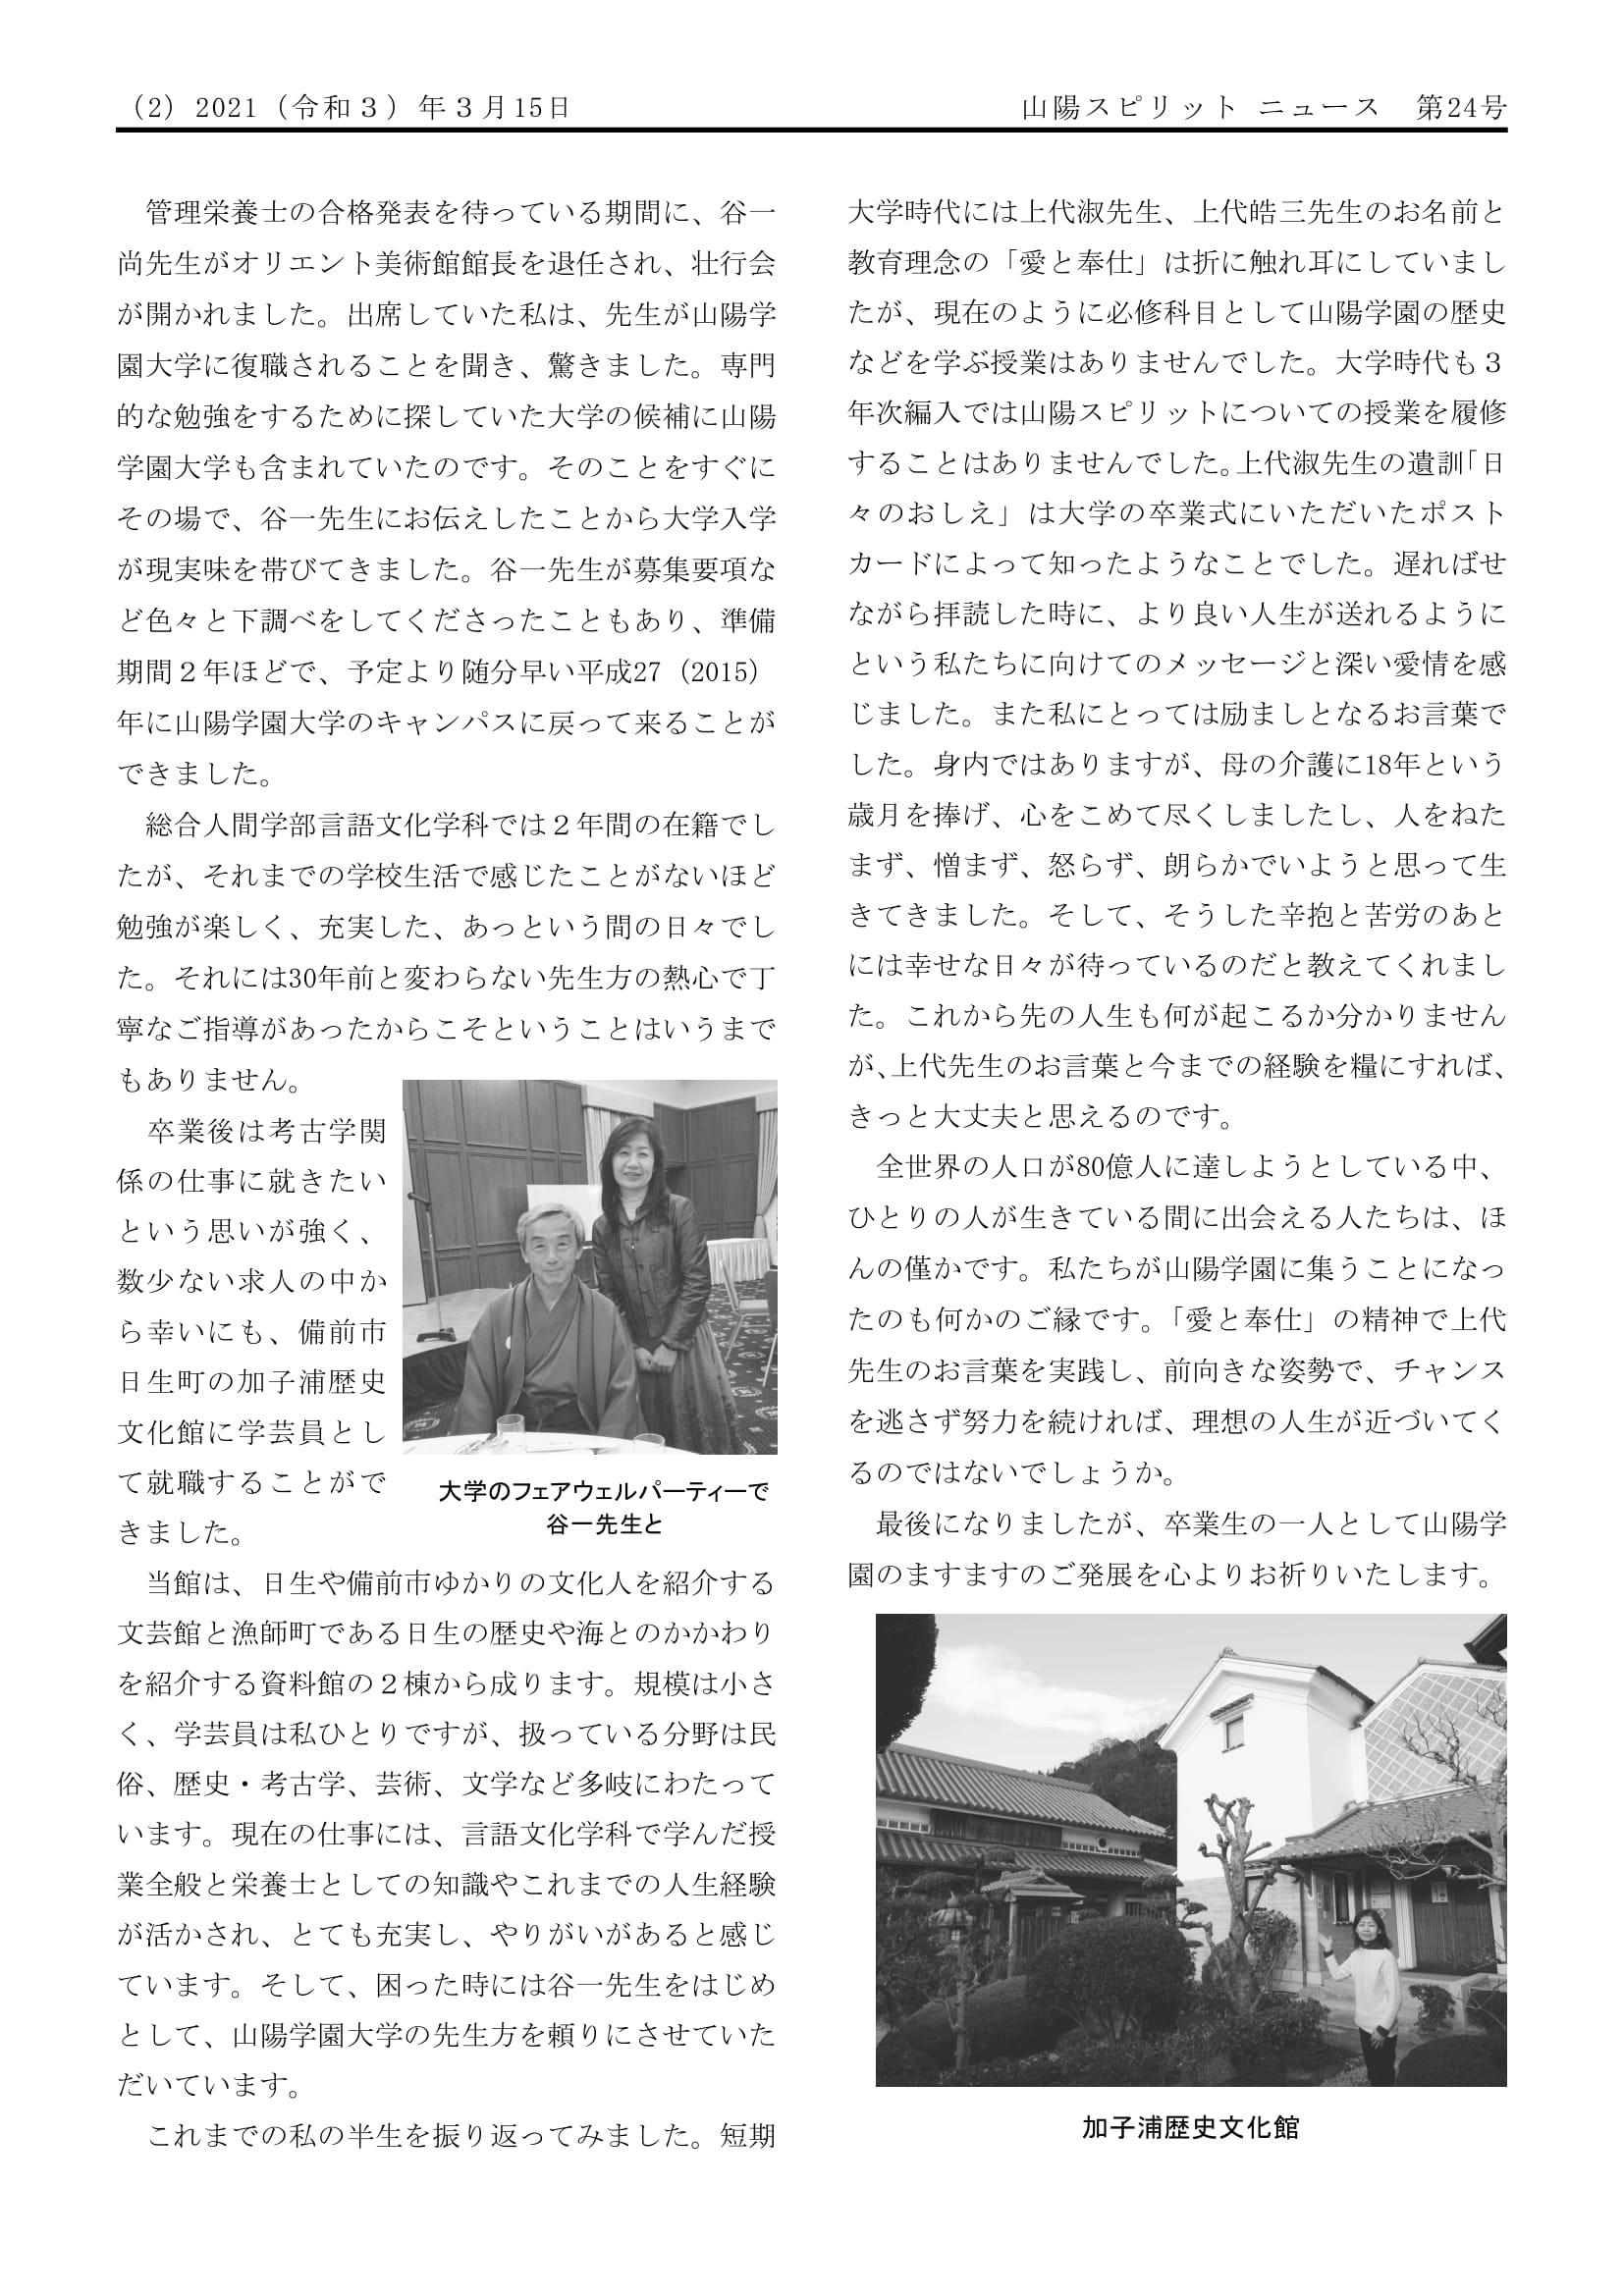 「山陽スピリットニュース」24号-2